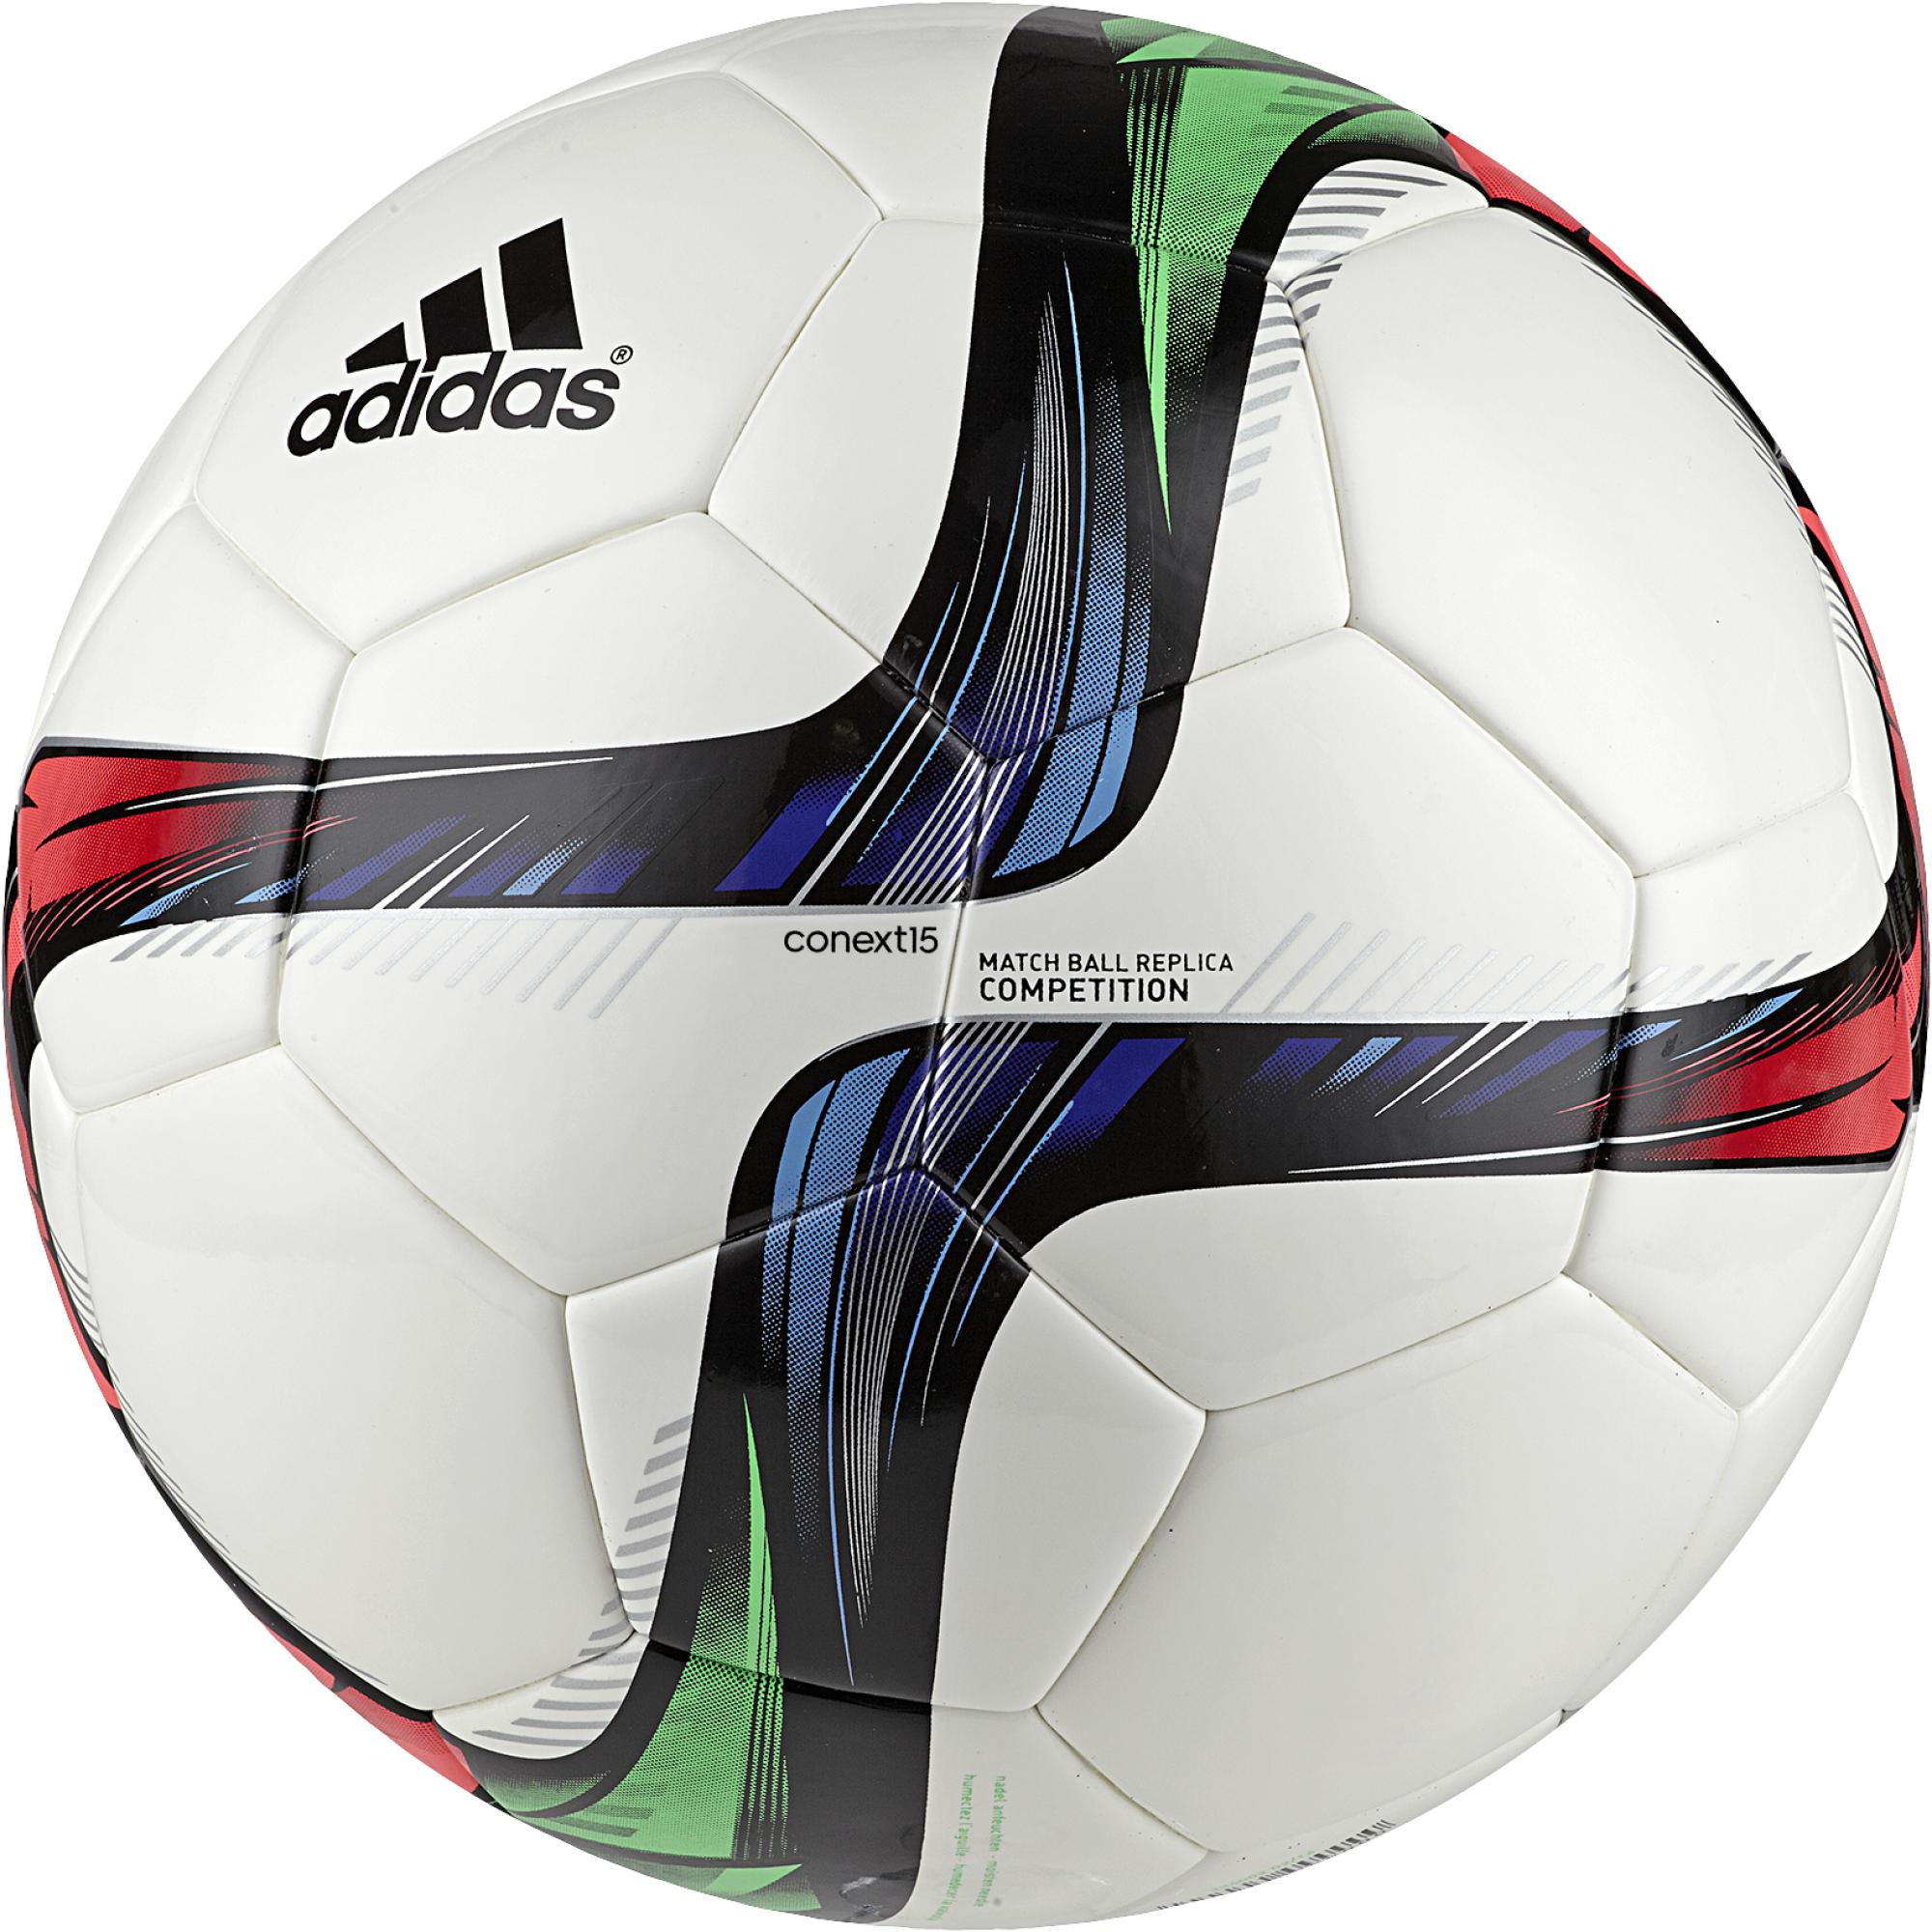 ADIDAS míč CONEXT 15 Competition